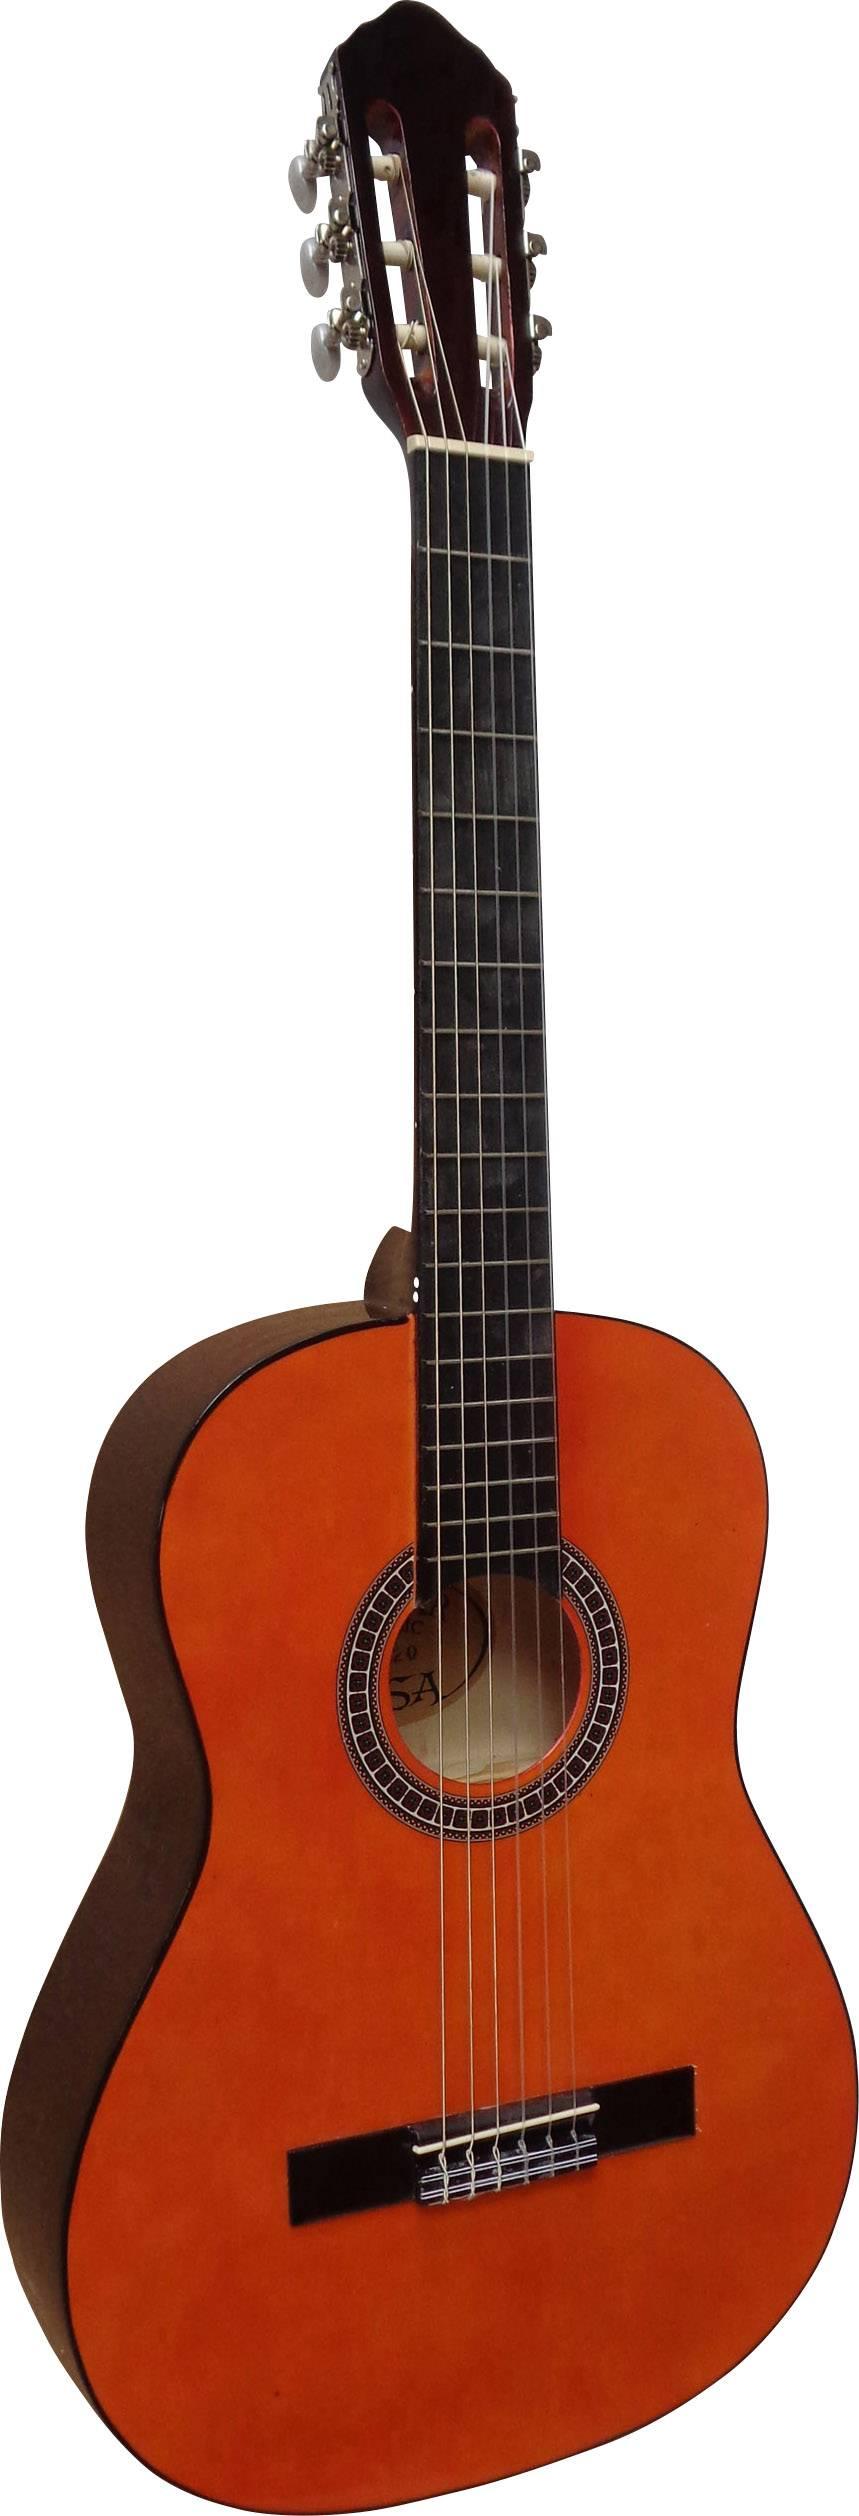 Koncertná gitara MSA Musikinstrumente C21, veľkosť gitary 4/4, prírodná